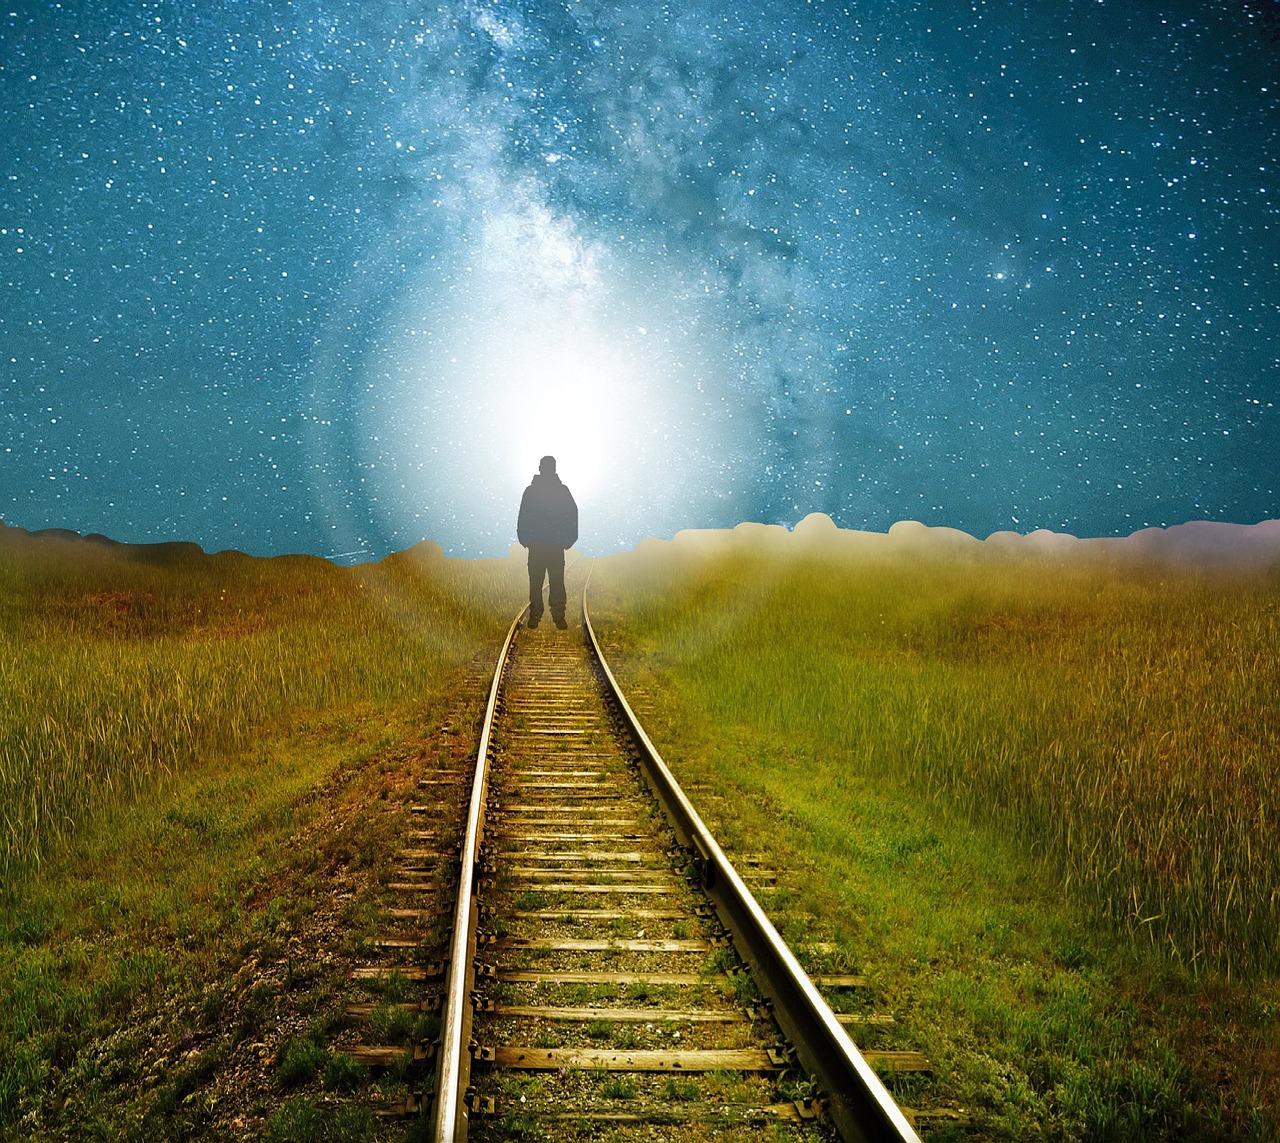 Way to Spirituality: क्या अध्यात्म से जीवन में बदलाव आते हैं ?